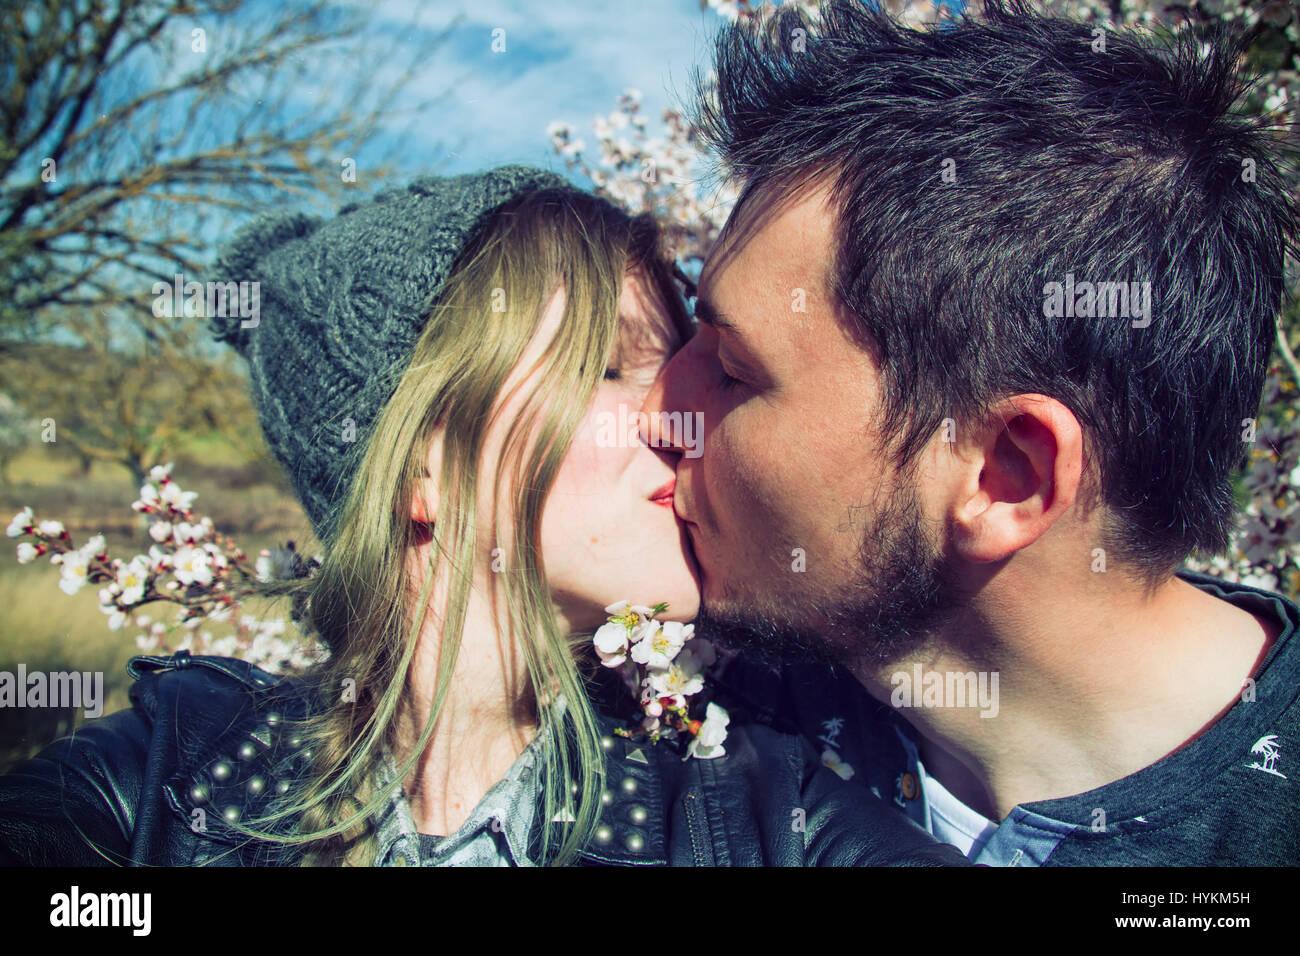 Joven pareja feliz disfrutando la primavera juntos Imagen De Stock